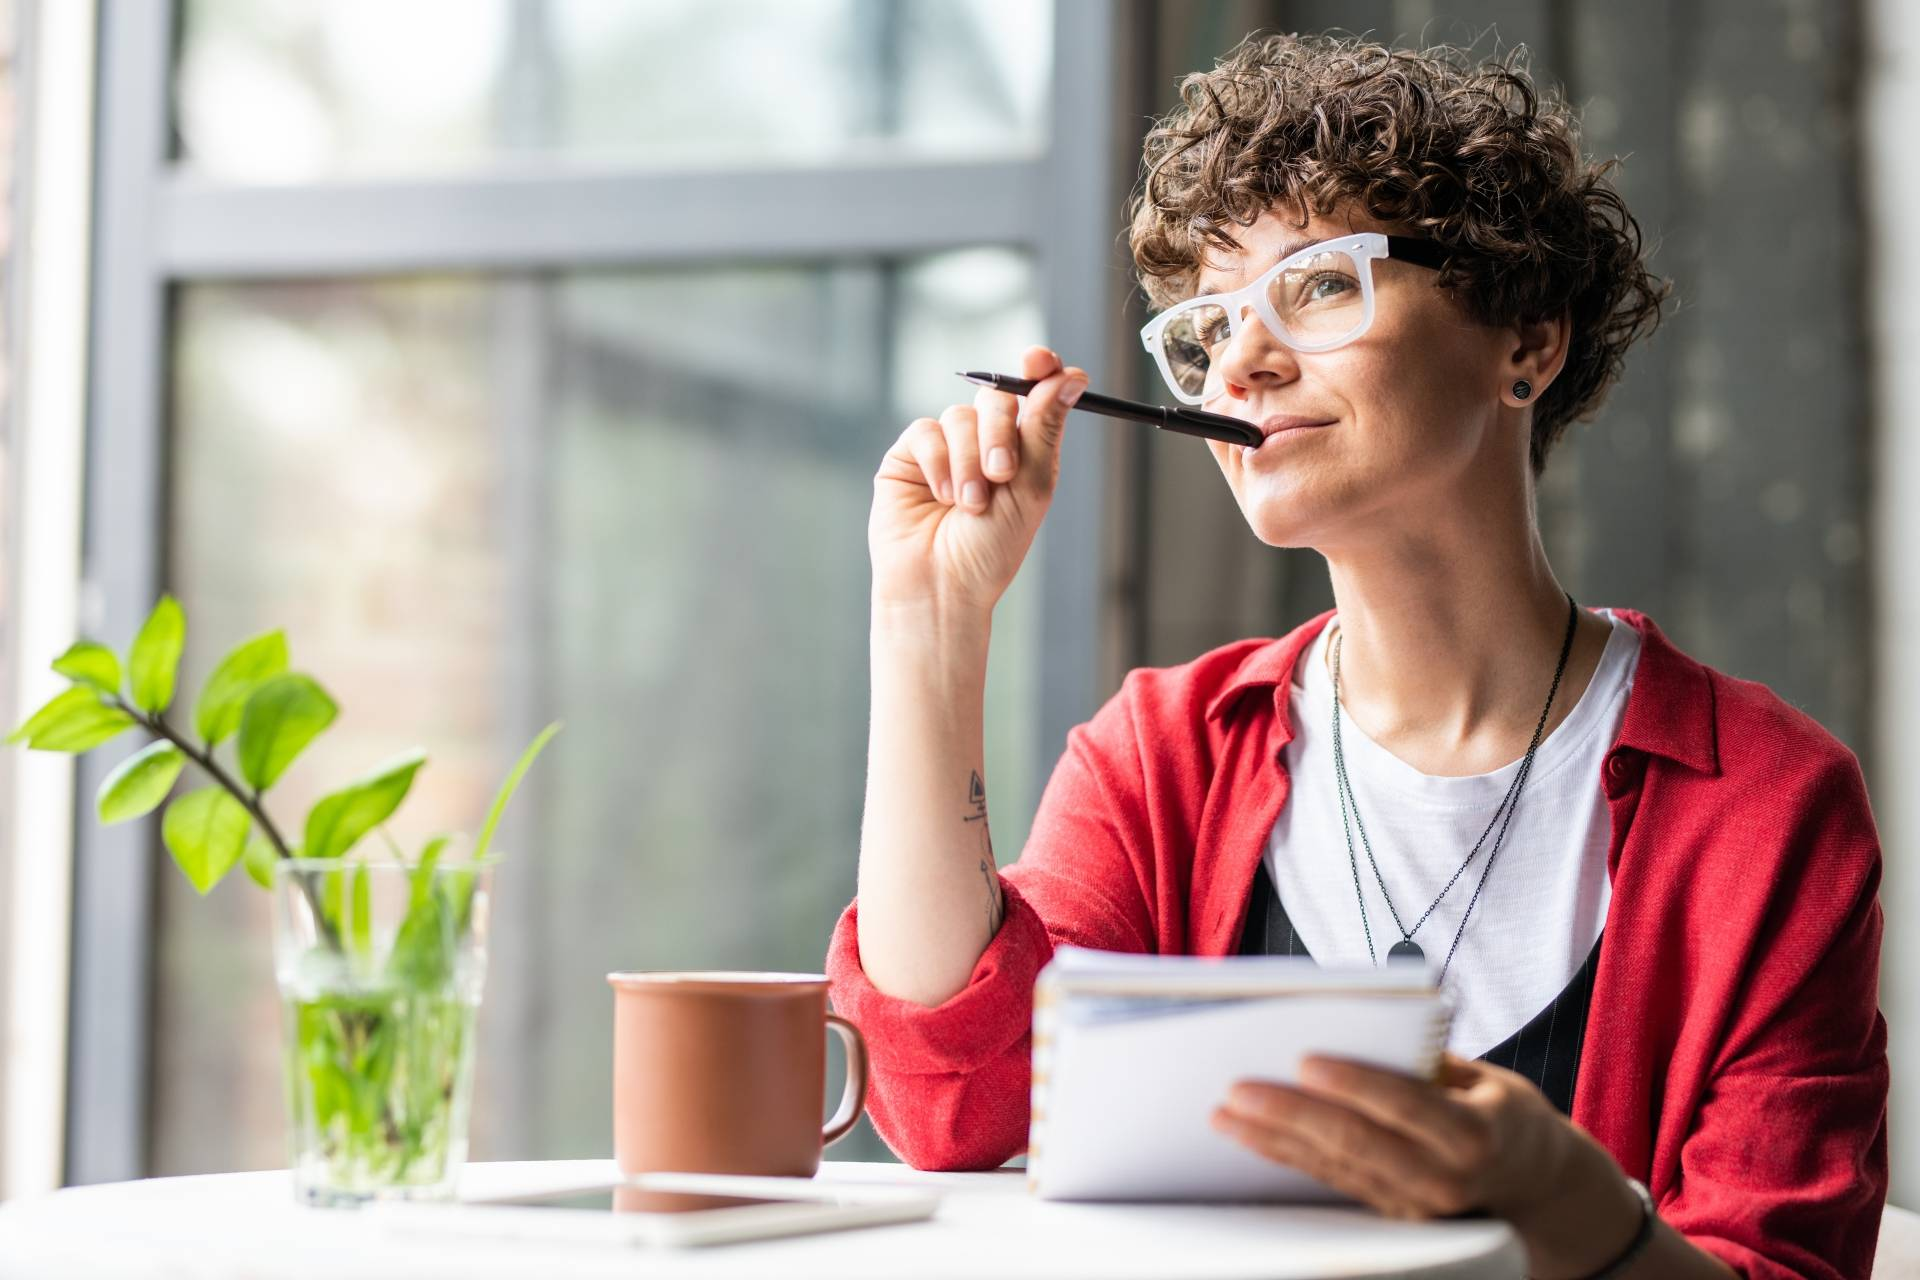 Kintsugi - jak pozbierać się w całość? Młoda kobieta w czerwonej koszuli, krótkich kręconych włosach i okularach w jasnej rogowej oprawie zastanawia się co napisać w dzienniku.